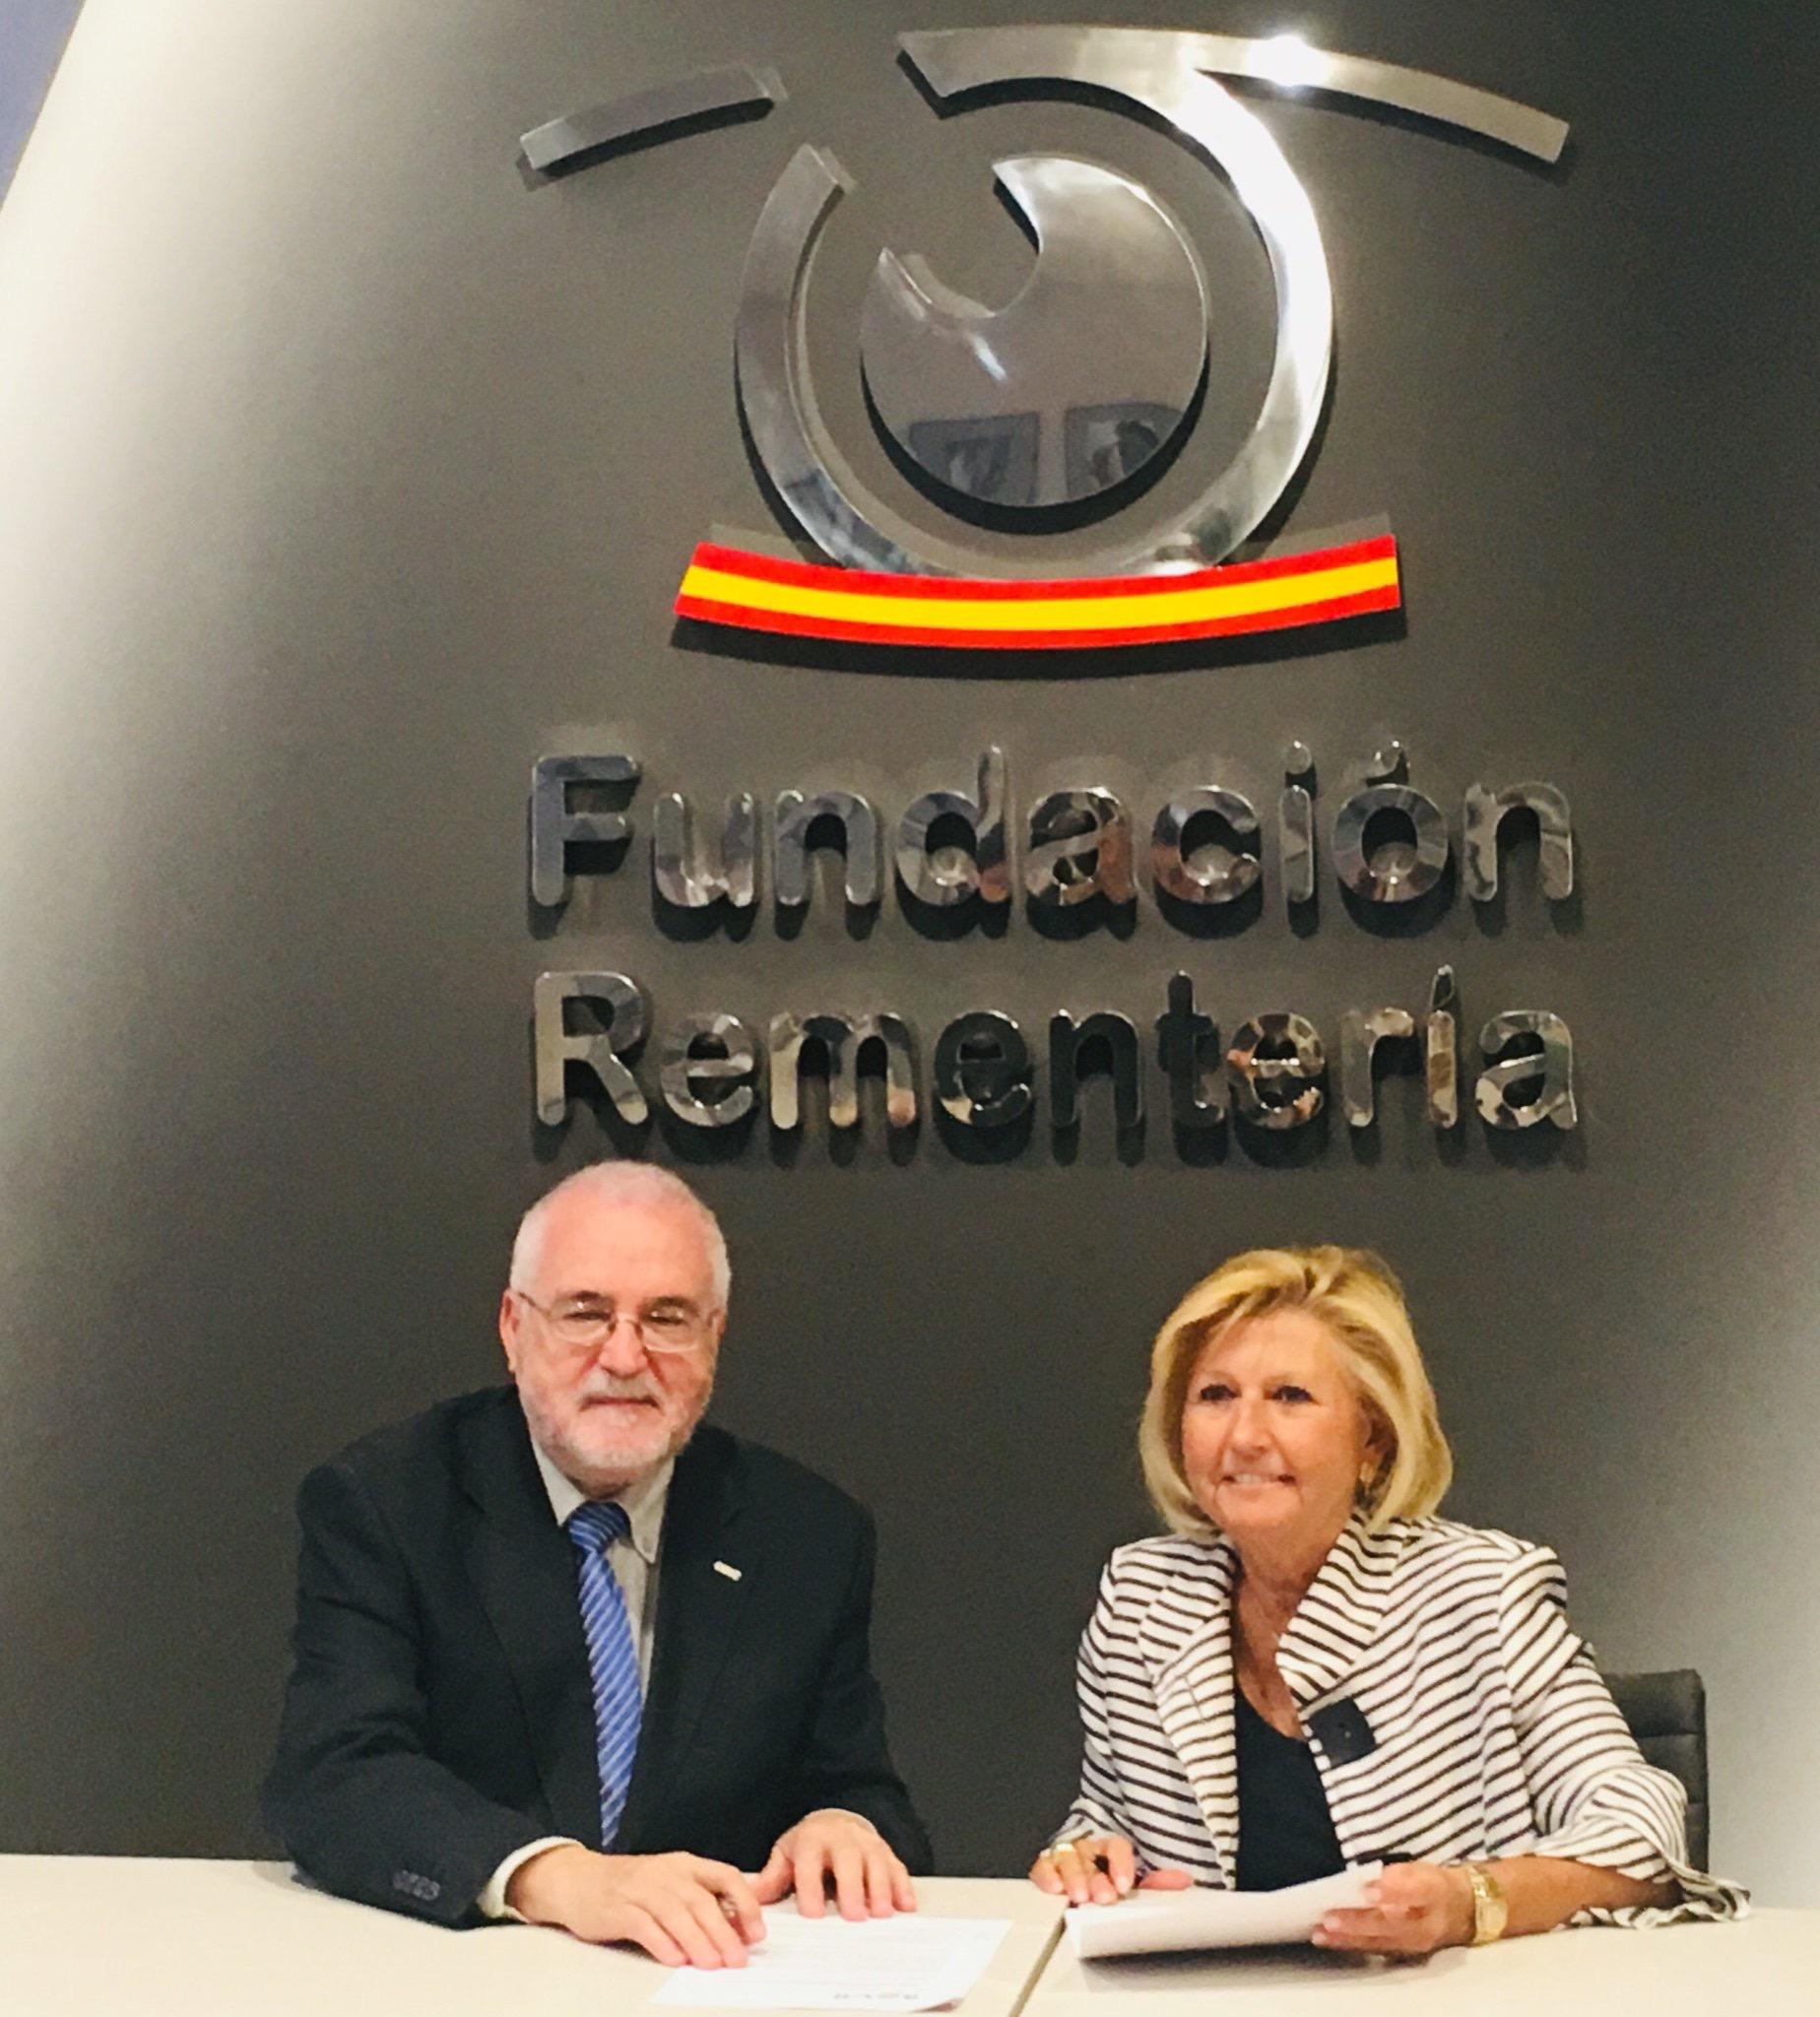 Down España y Fundación Rementeria